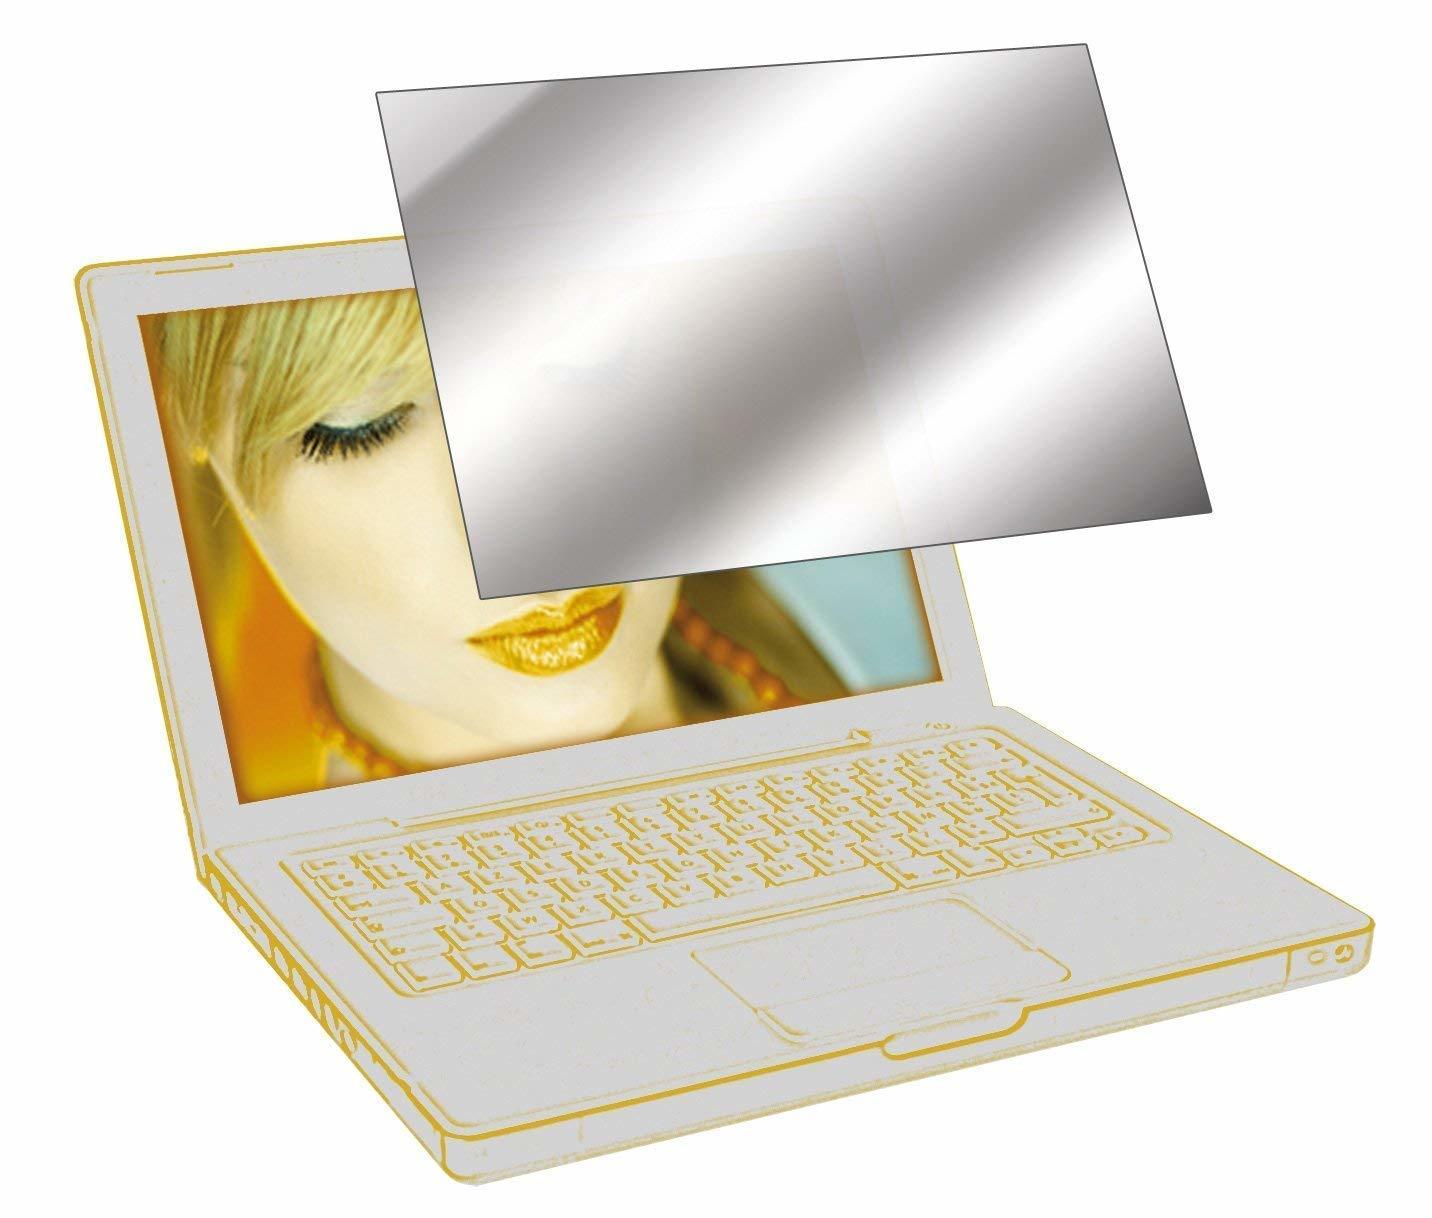 """Urban Factory SSP33UF filtro para monitor Filtro de privacidad para pantallas sin marco 33 cm (13"""")"""